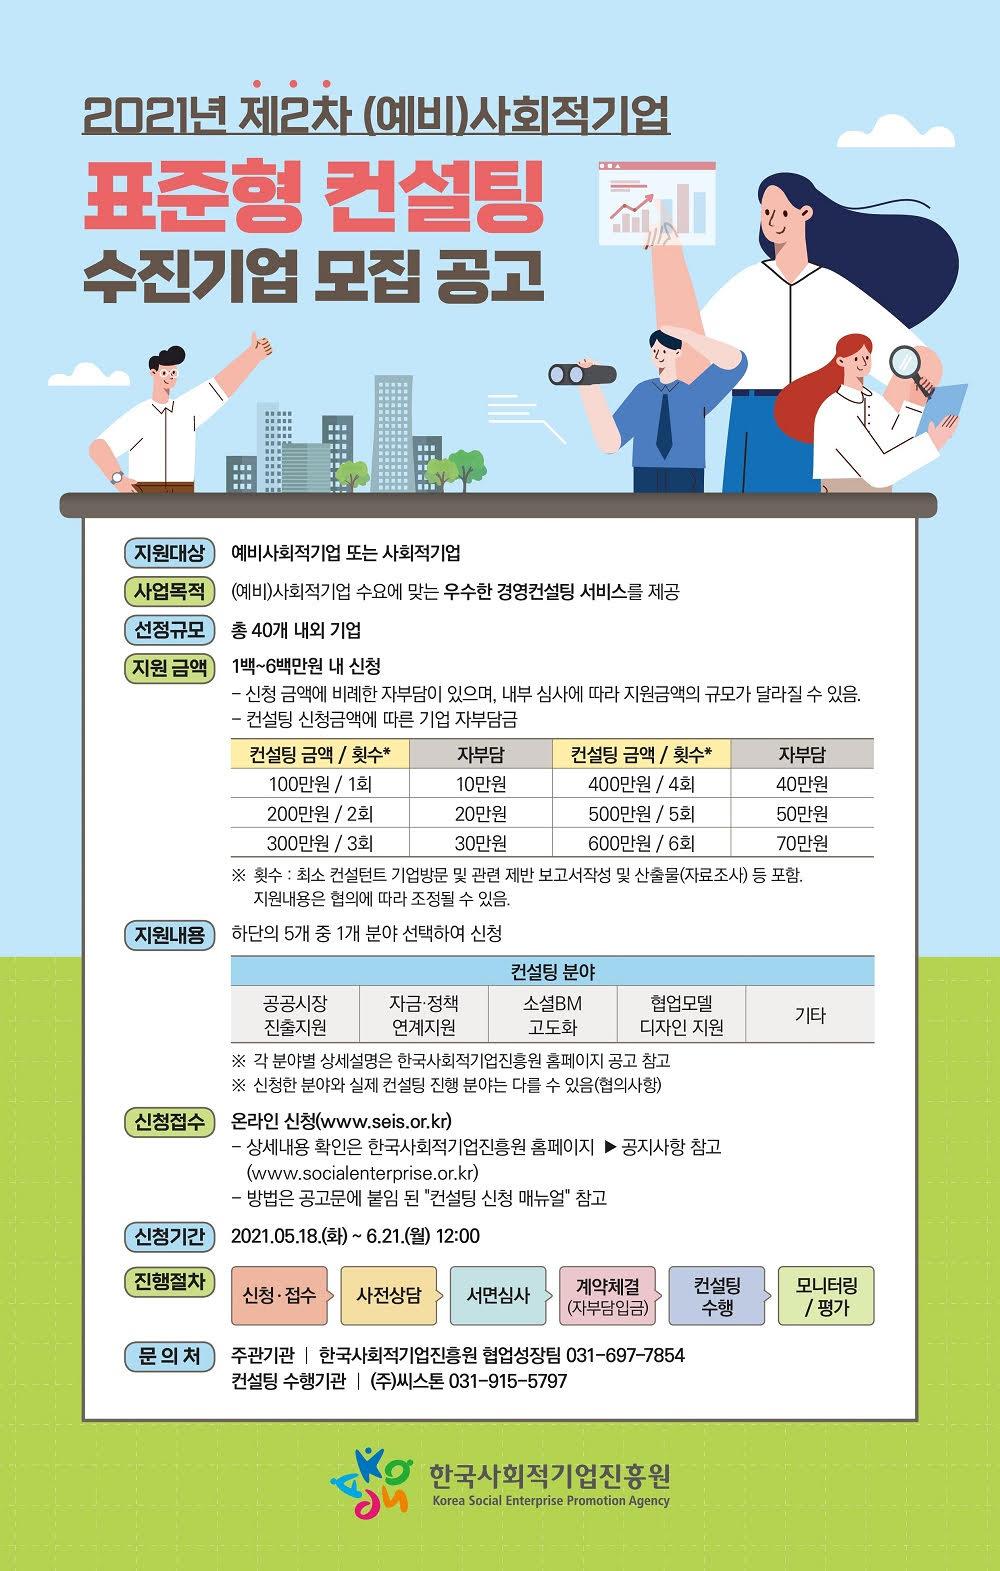 [안내] 한국사회적기업진흥원 | 2021년 *제2차 (예비)사회적기업 표준형컨설팅 수진기업 모집